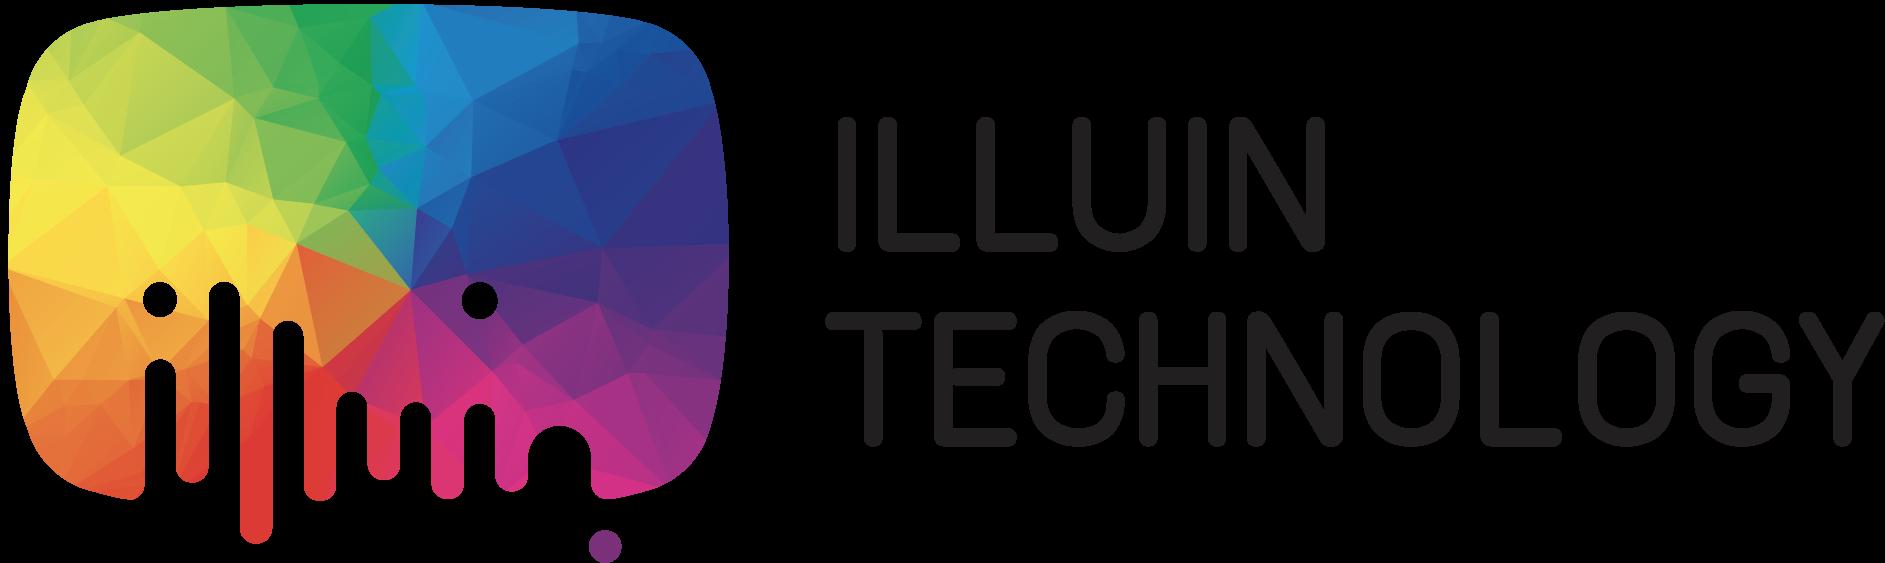 Illuin Technology